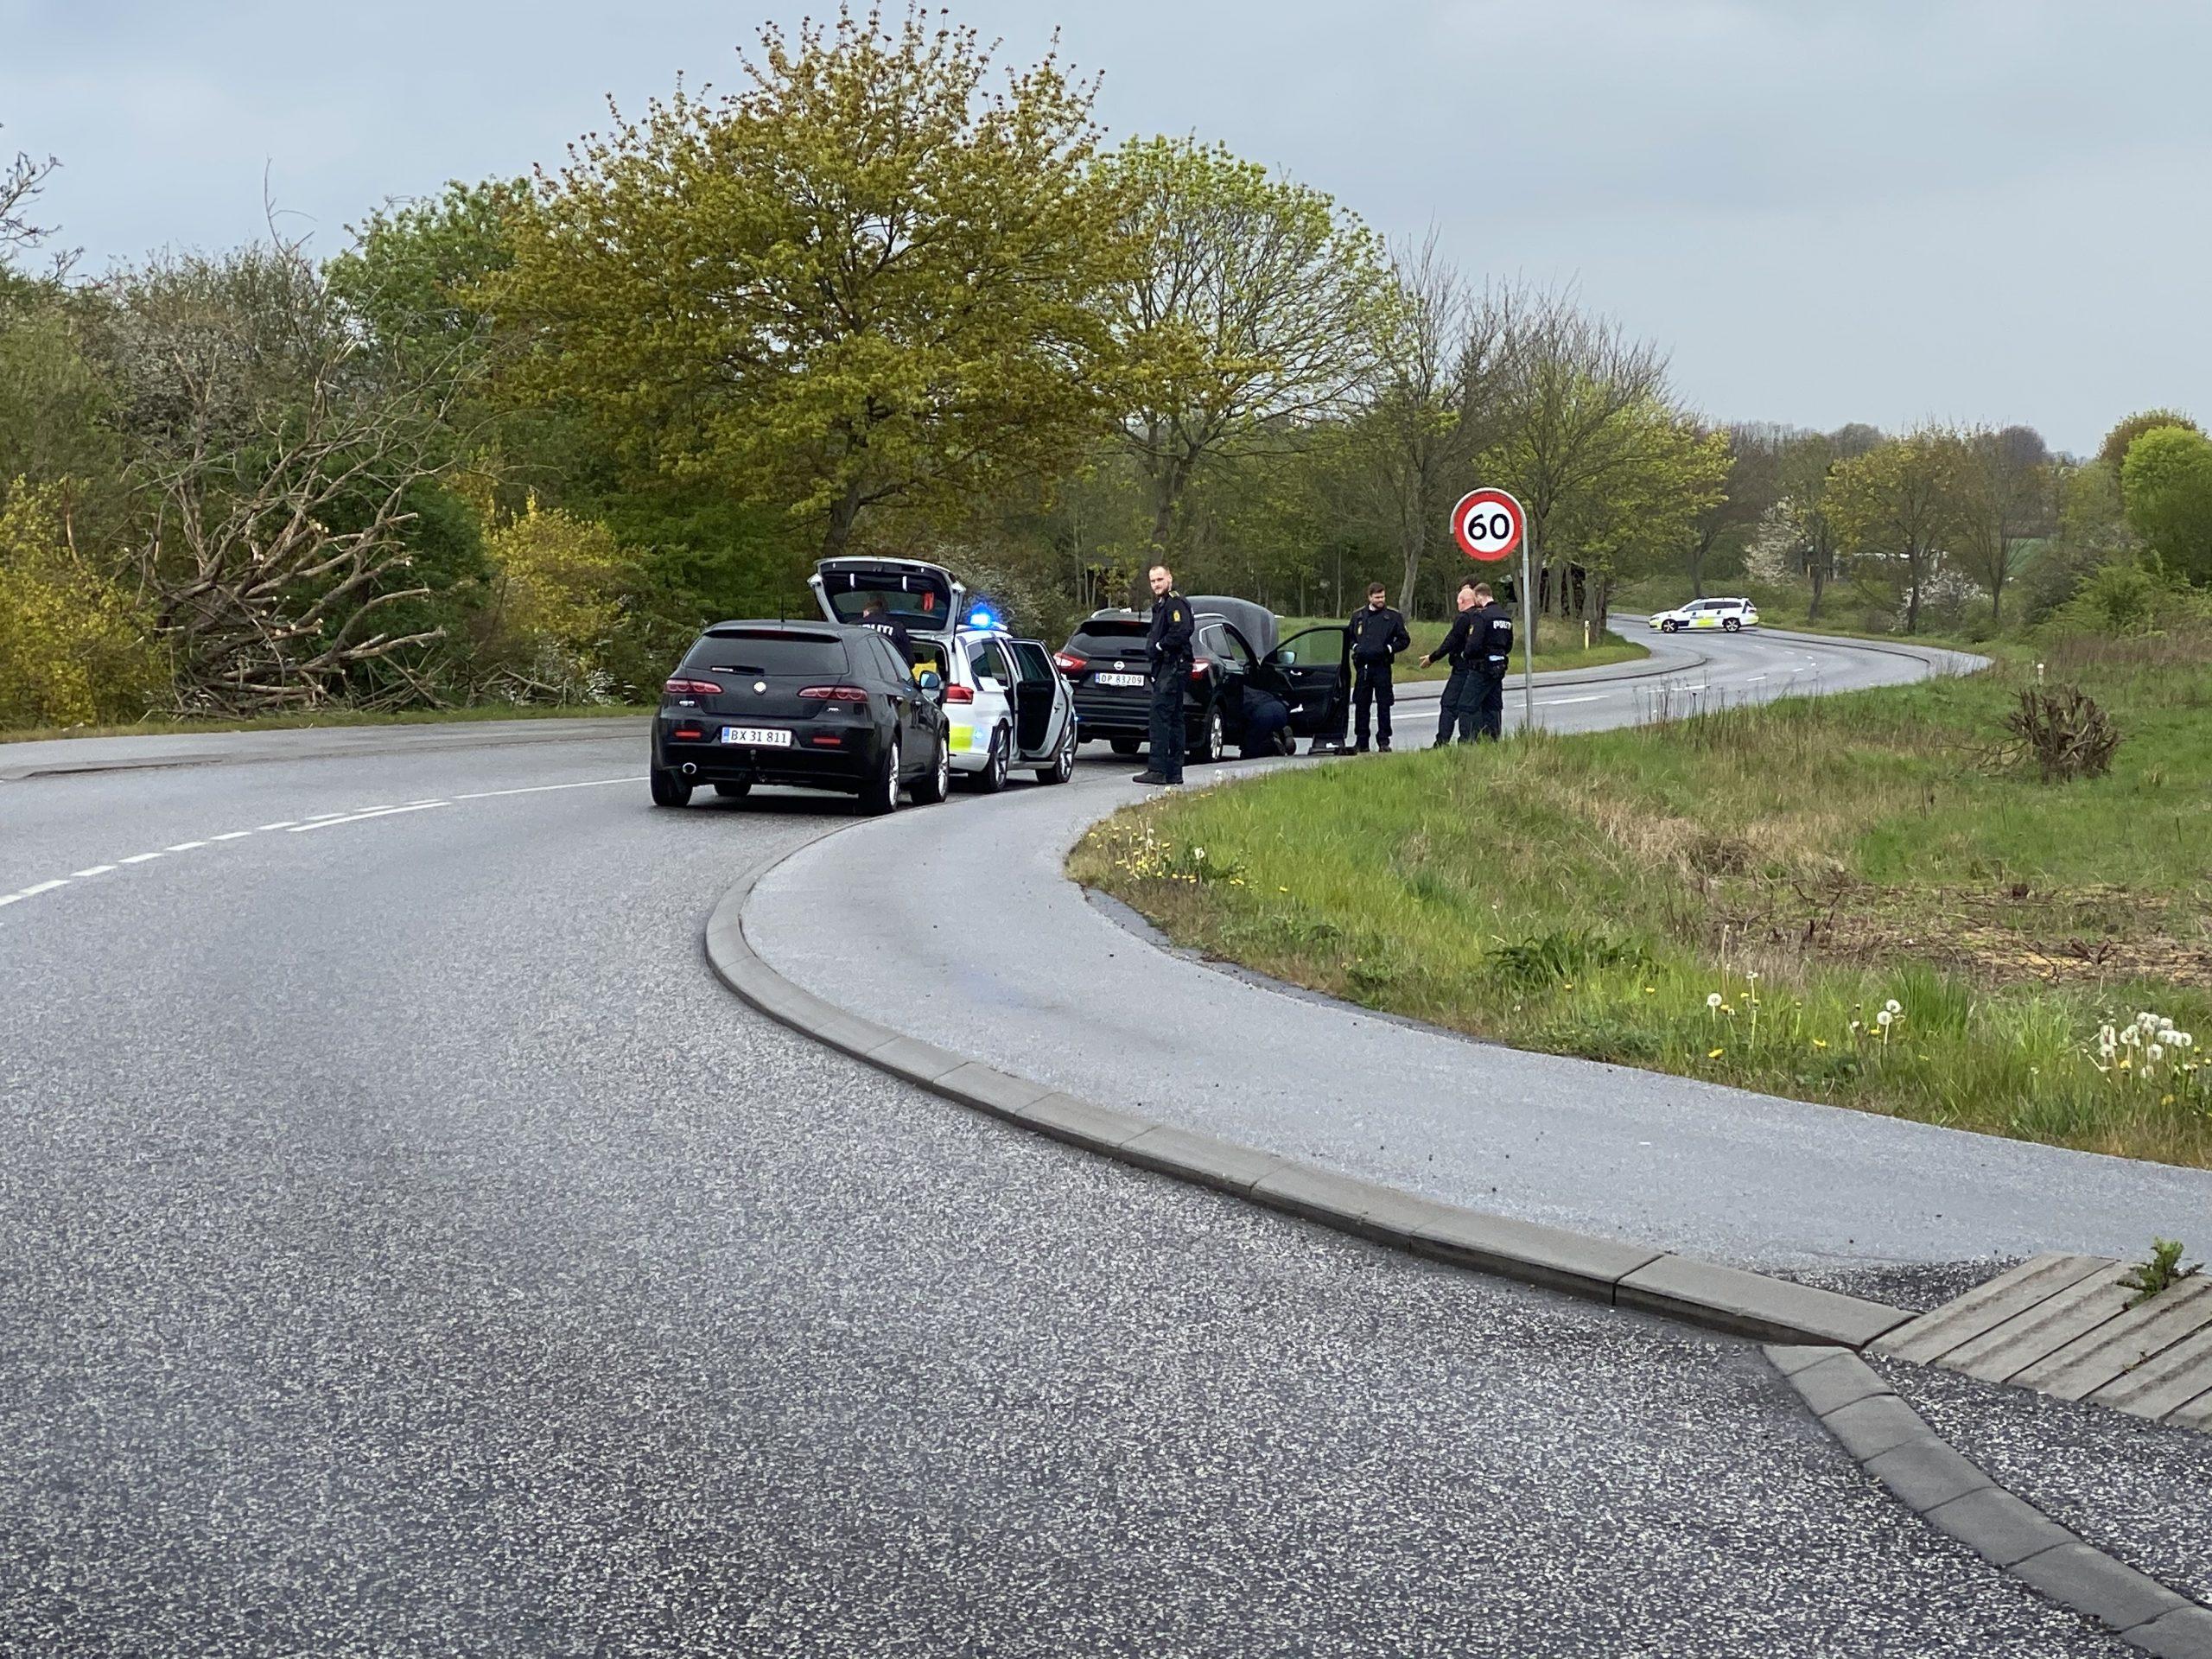 SE VIDEO : Politiet har afspærret et stykke af Adelvej i Taulov.